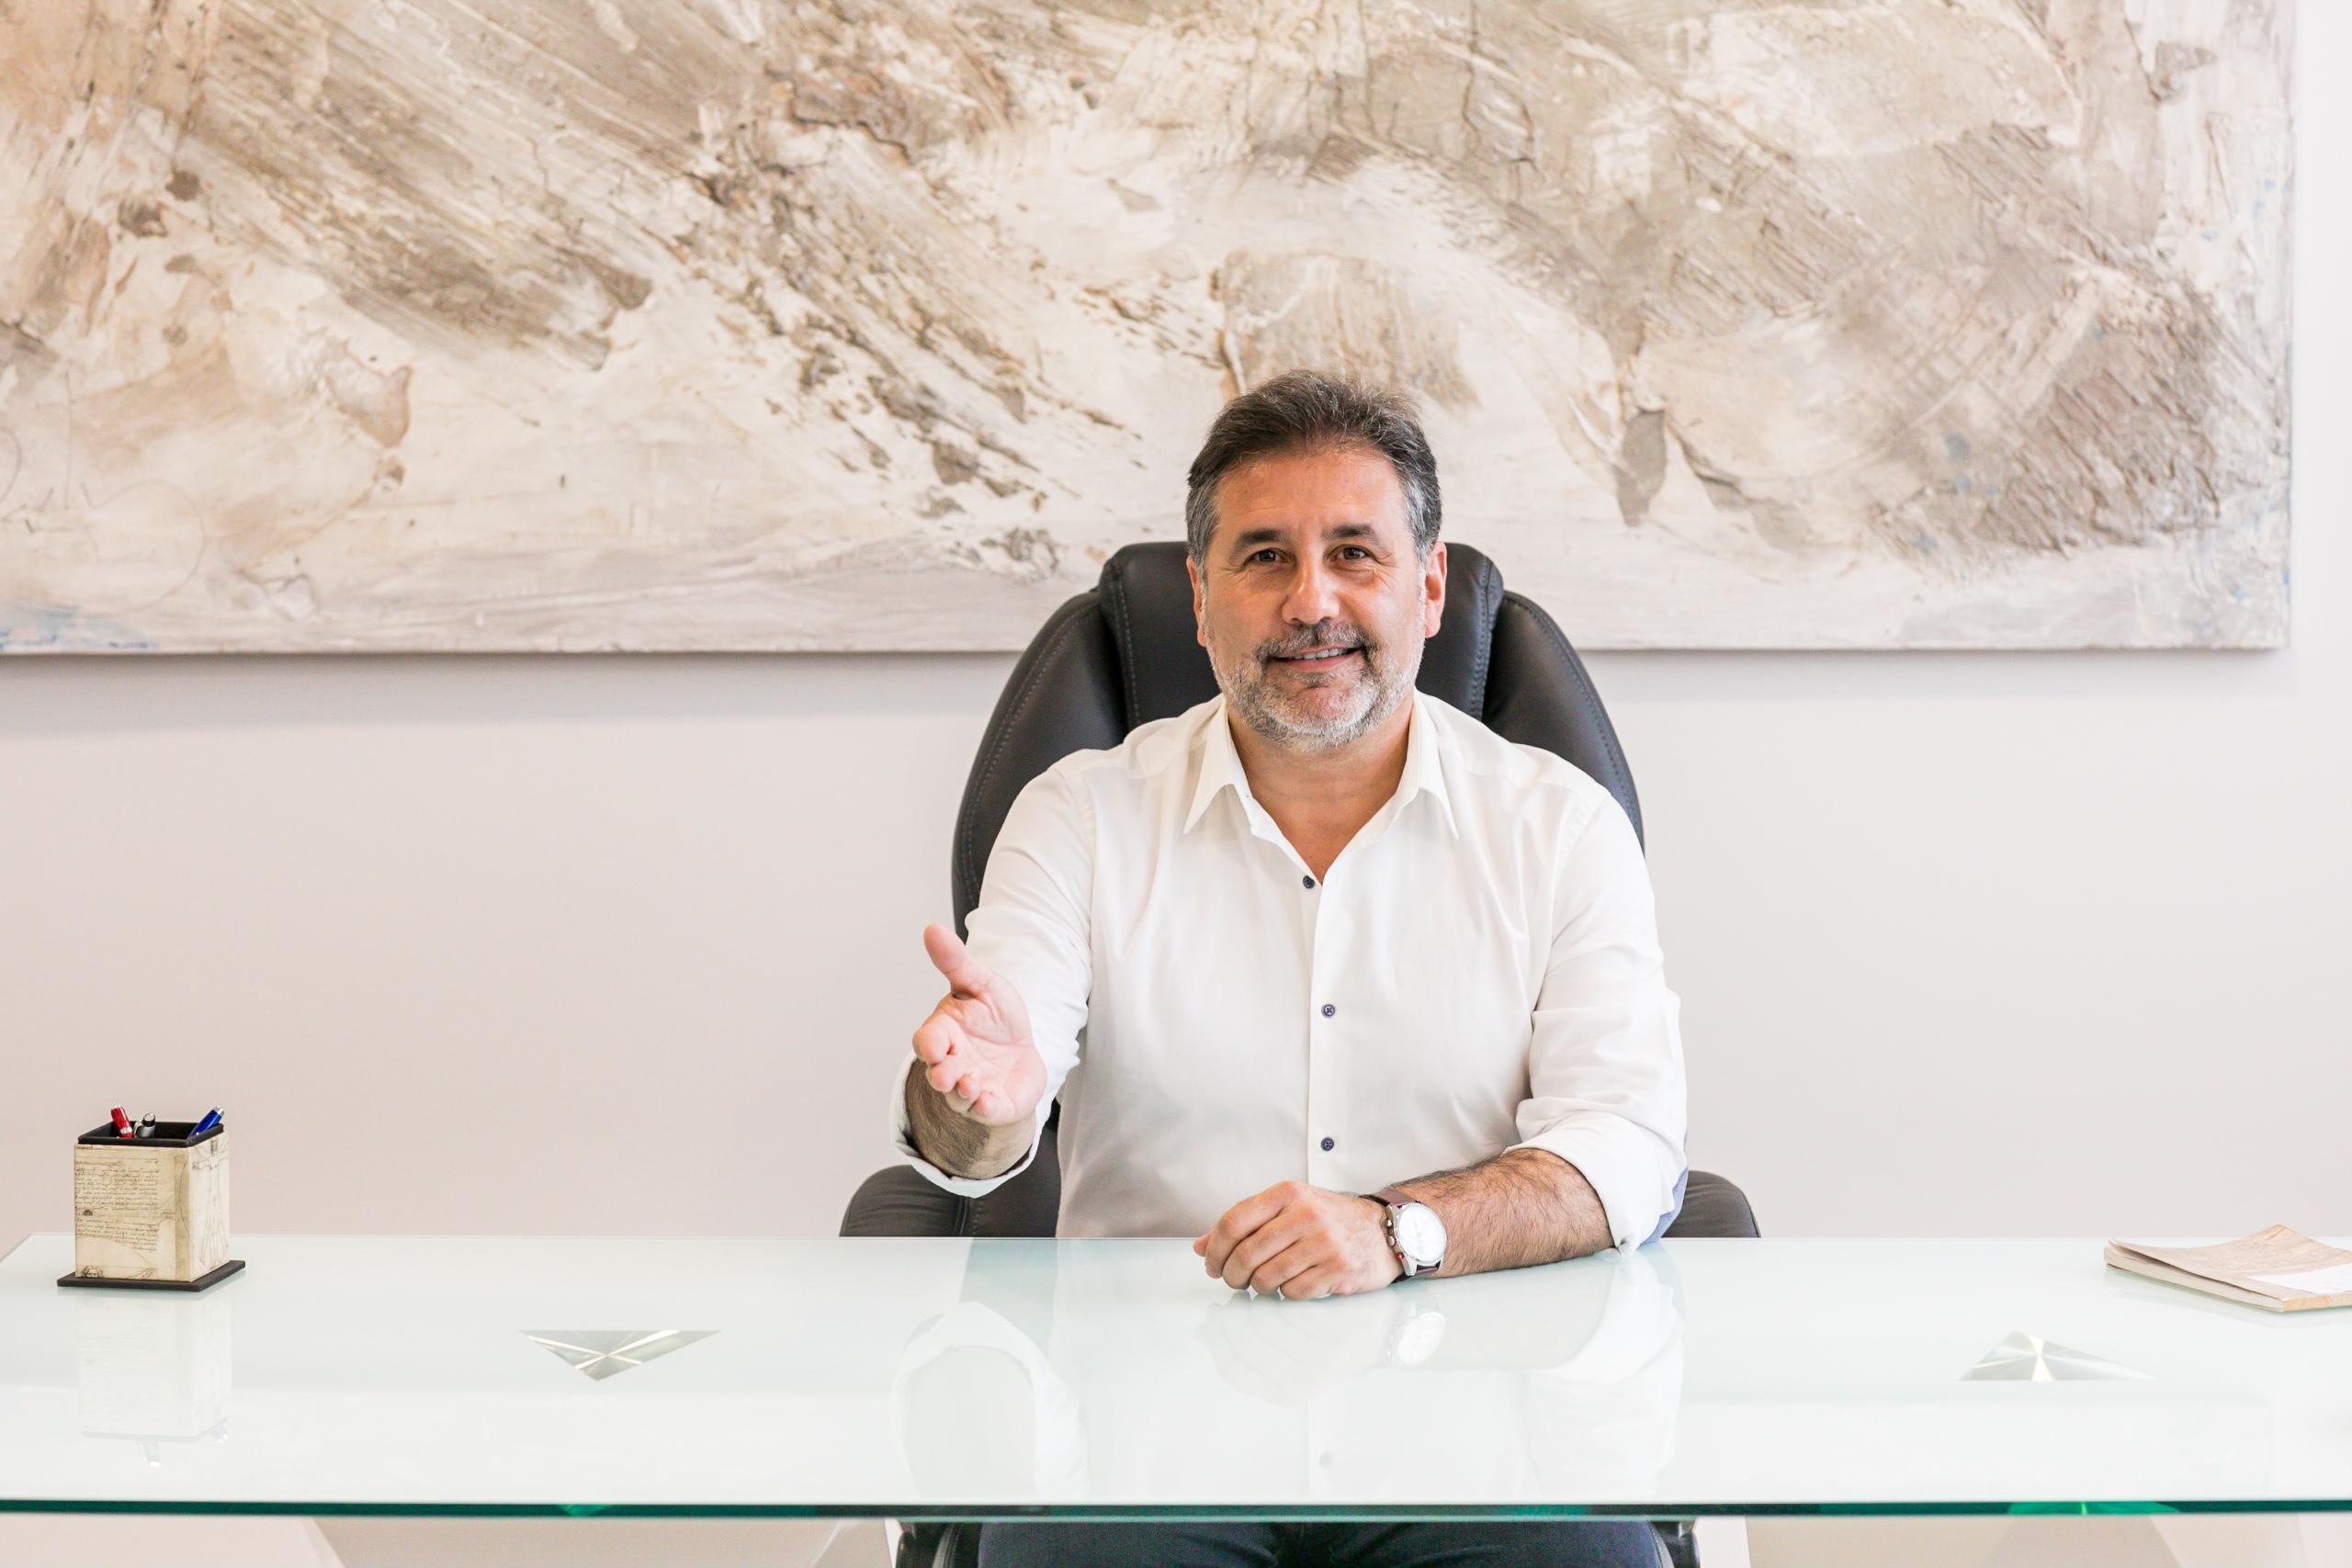 Los psicólogos son clave para afrontar la crisis sanitaria sin sufrir secuelas emocionales |José Antonio Galiani en Radio Sevilla